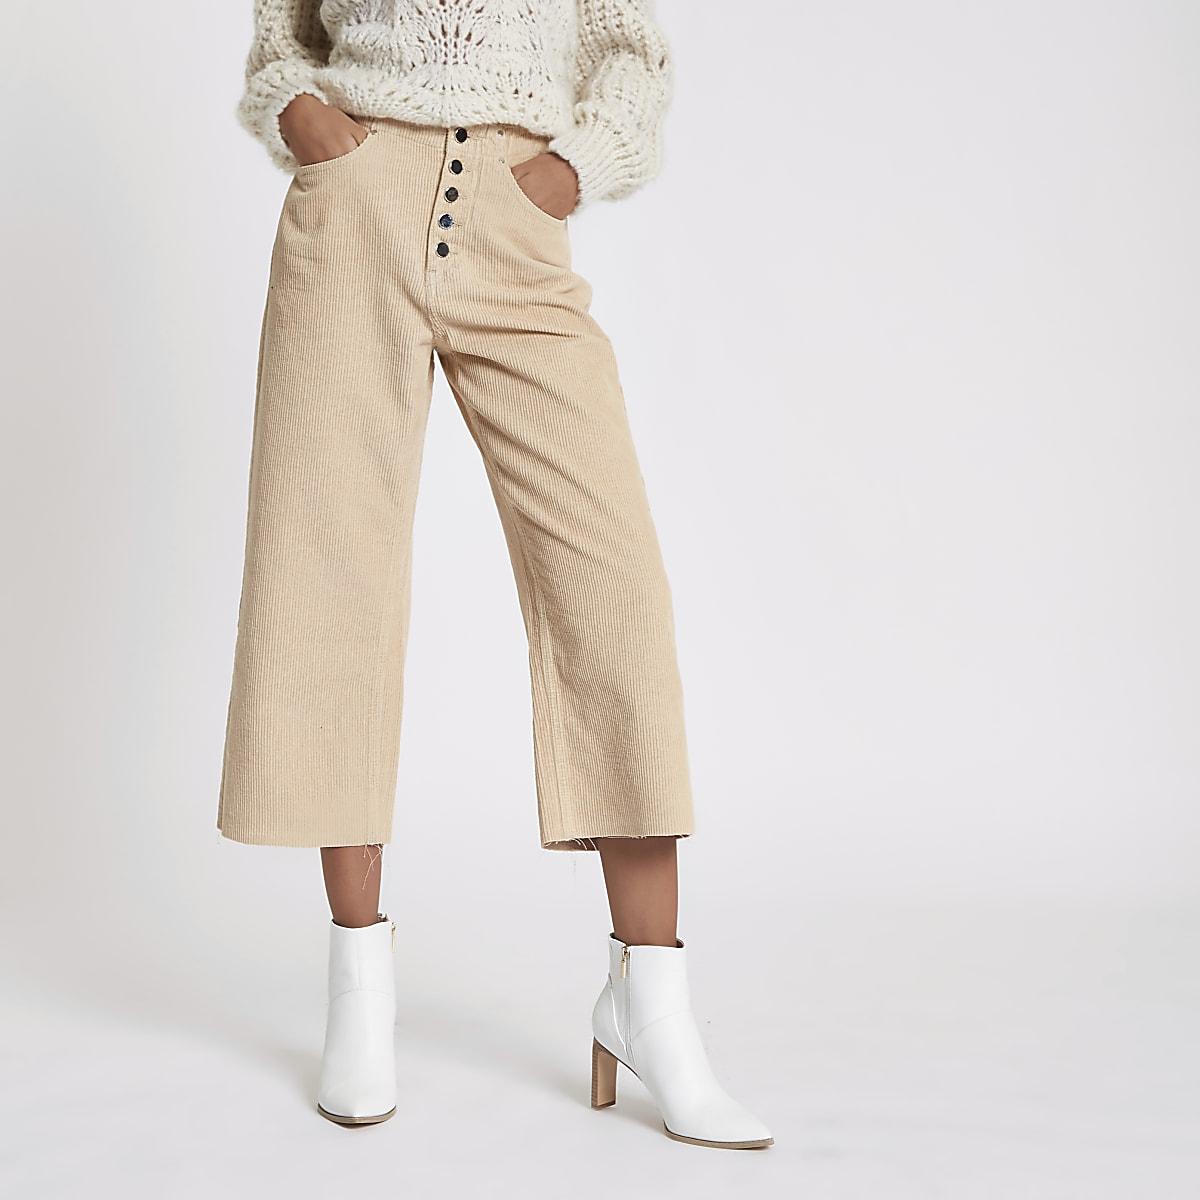 Alexa - Perzikkleurige cropped corduroy broek met wijde pijpen